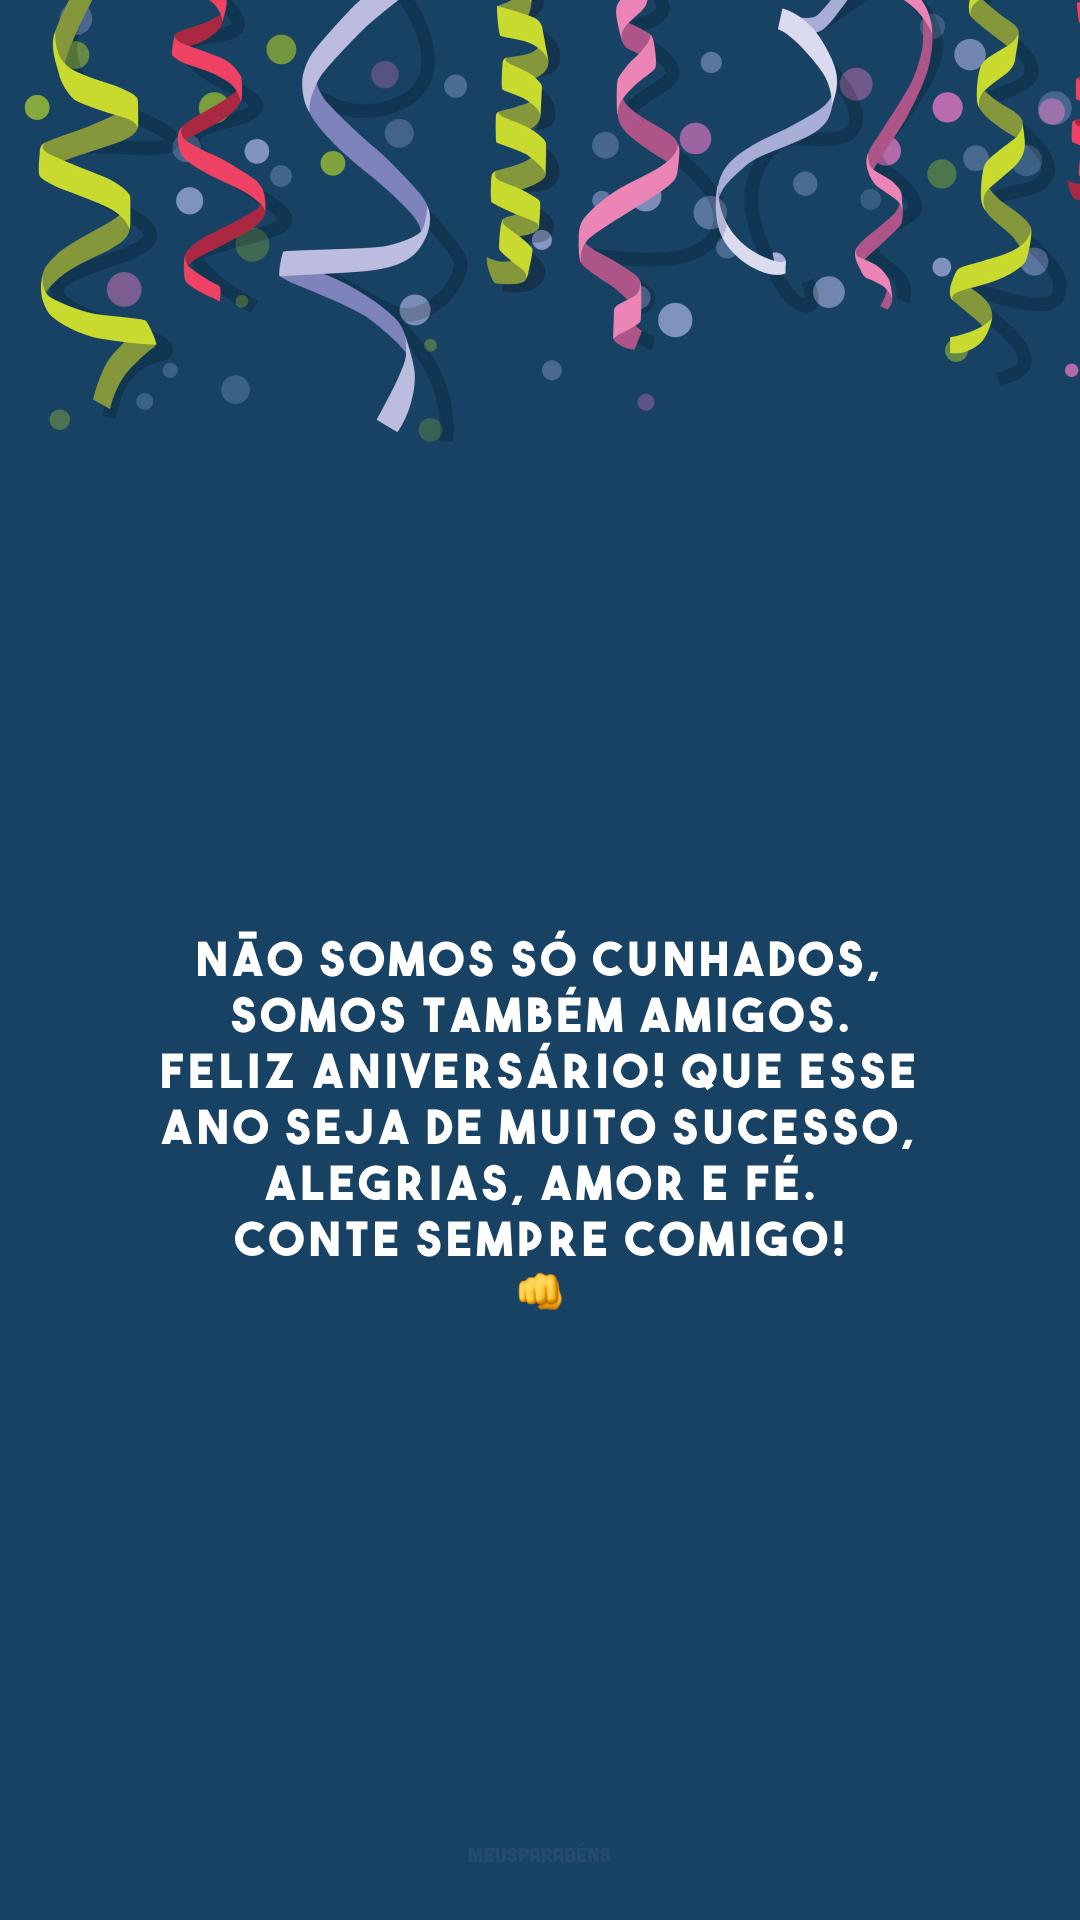 Não somos só cunhados, somos também amigos. Feliz aniversário! Que esse ano seja de muito sucesso, alegrias, amor e fé. Conte sempre comigo! 👊